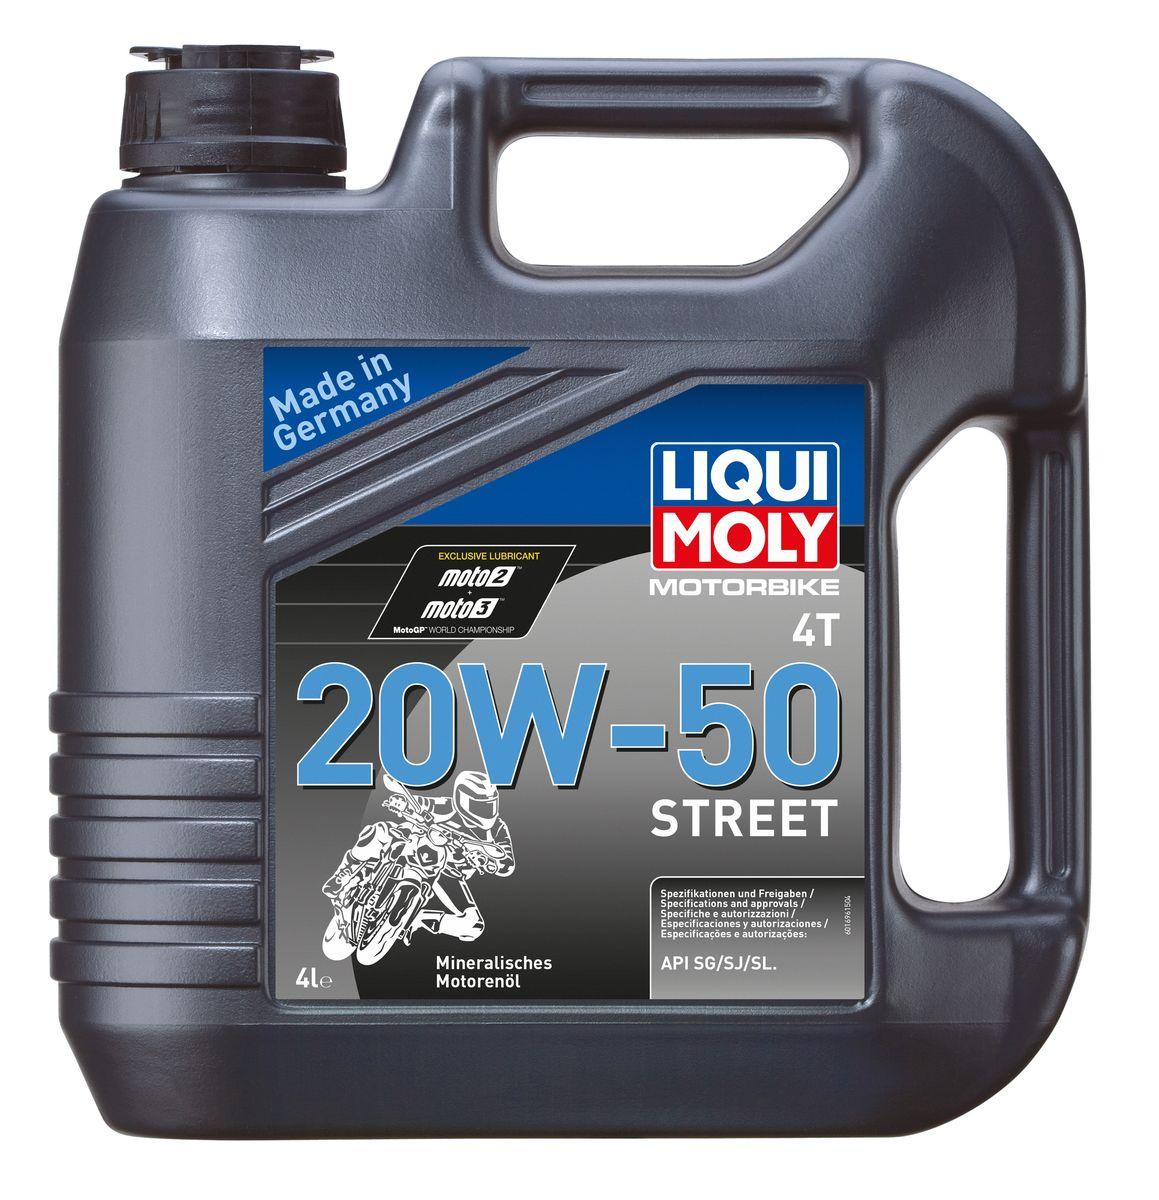 Масло моторное Liqui Moly Motorbike 4T Street, минеральное, 20W-50, 4 л моторное масло liqui moly 7632 motorbike 4t street 20w 50 1л